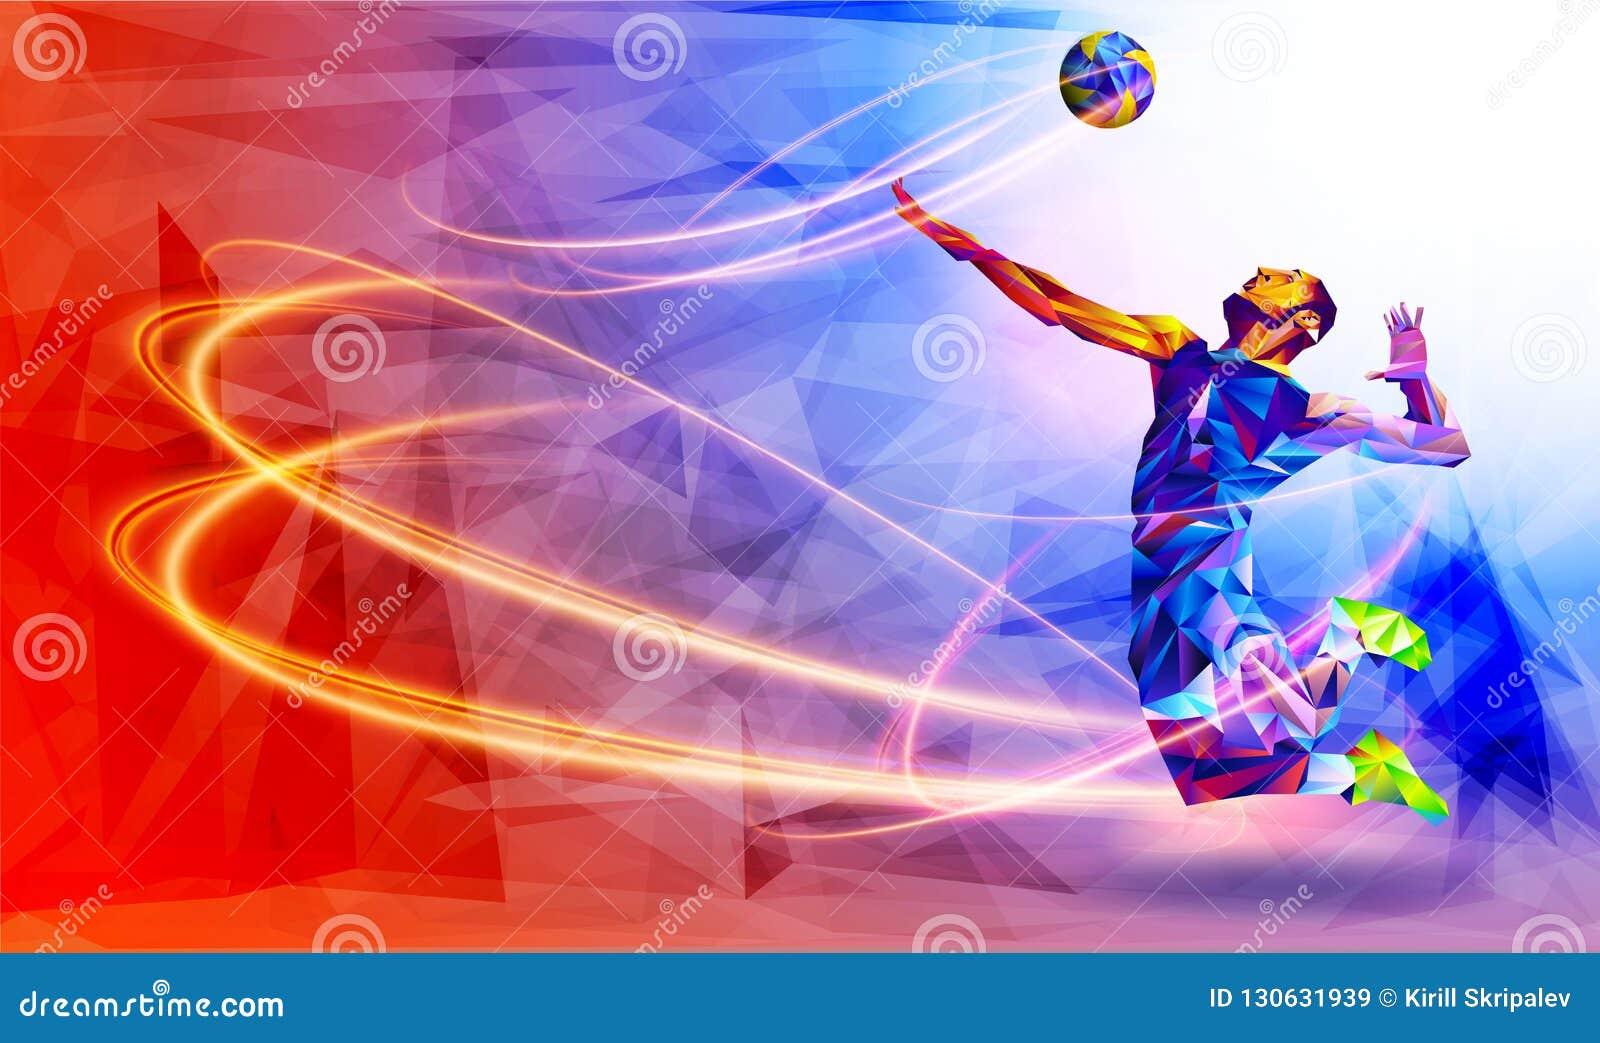 Llustration della siluetta astratta del giocatore di pallavolo nel triangolo giocatore di pallavolo, sport